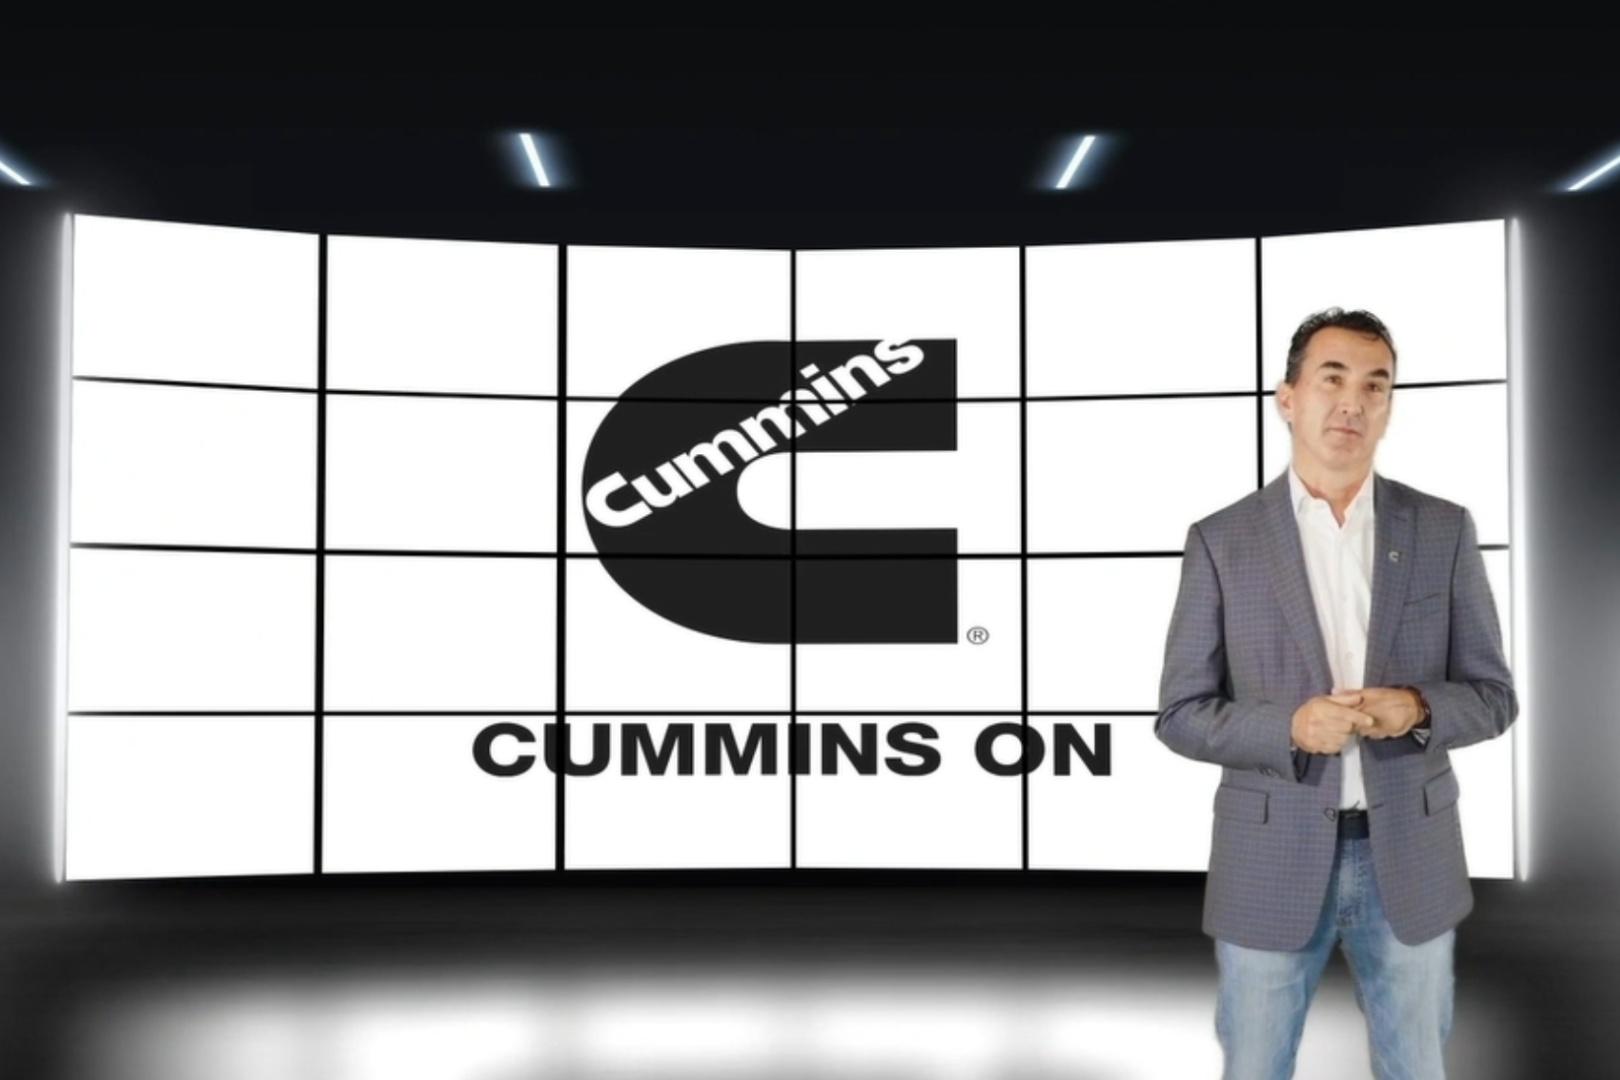 Cummins ON App